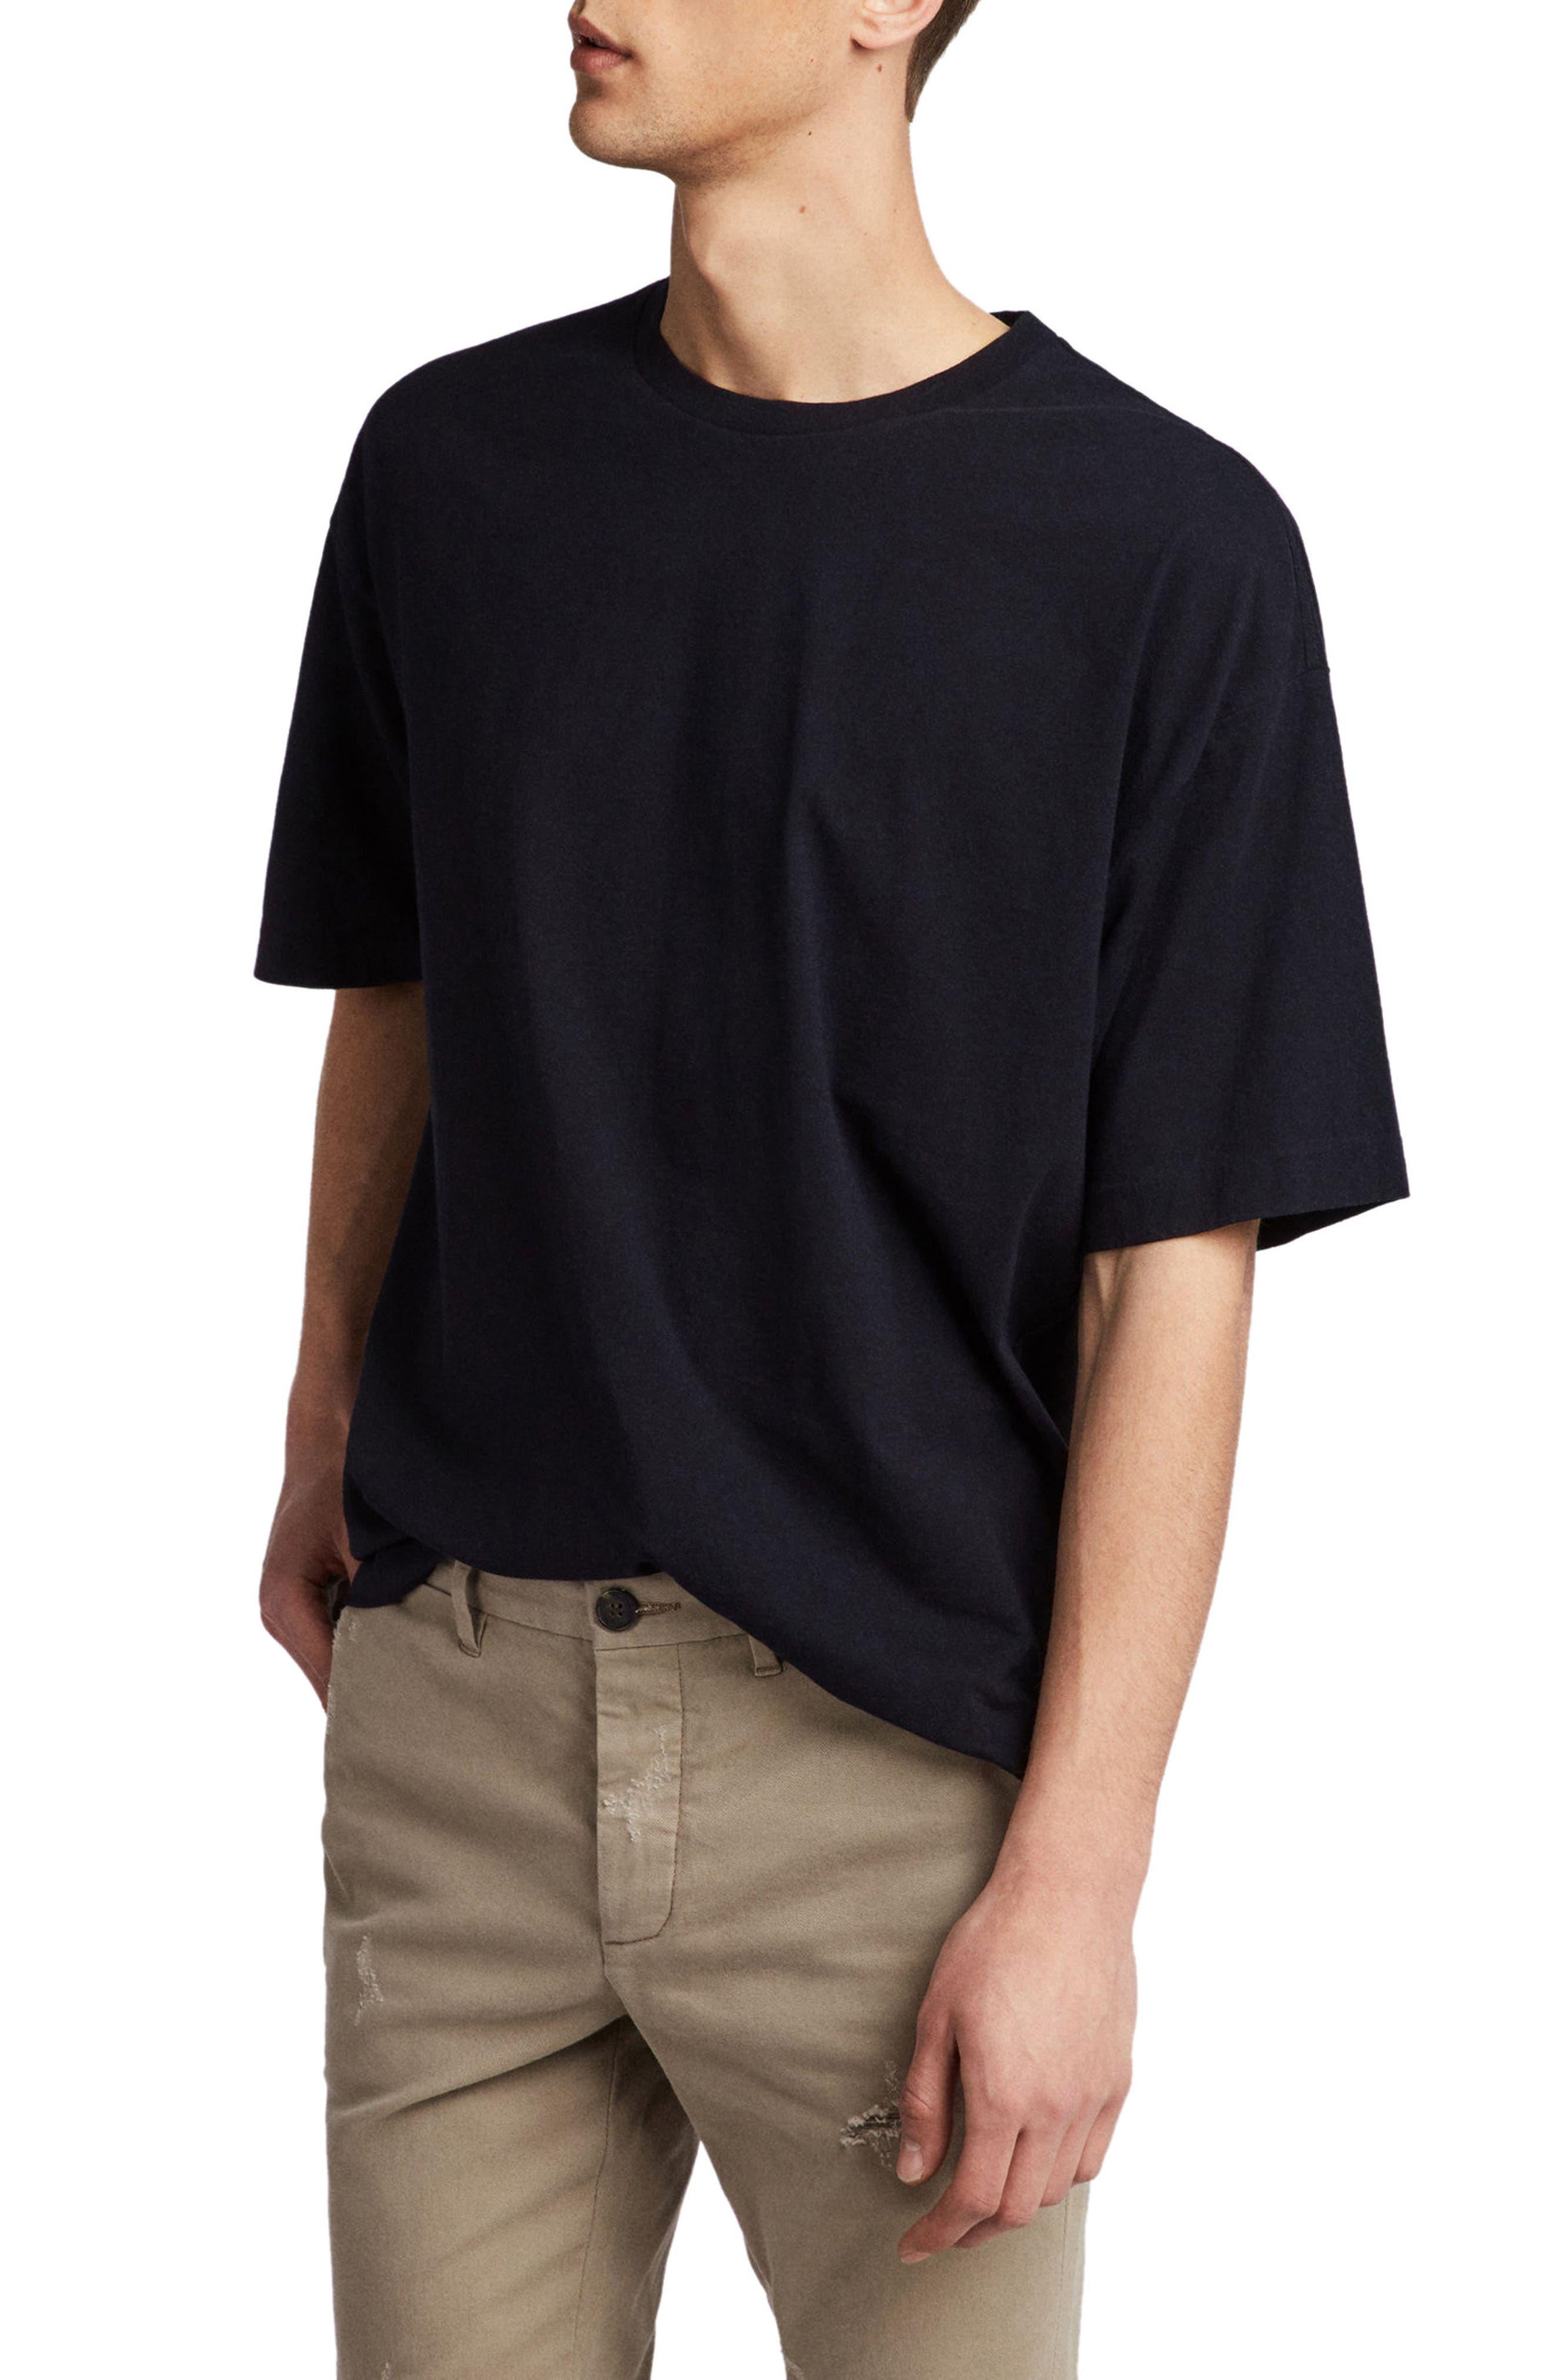 Atnom Crewneck T-Shirt,                             Alternate thumbnail 3, color,                             JET BLACK